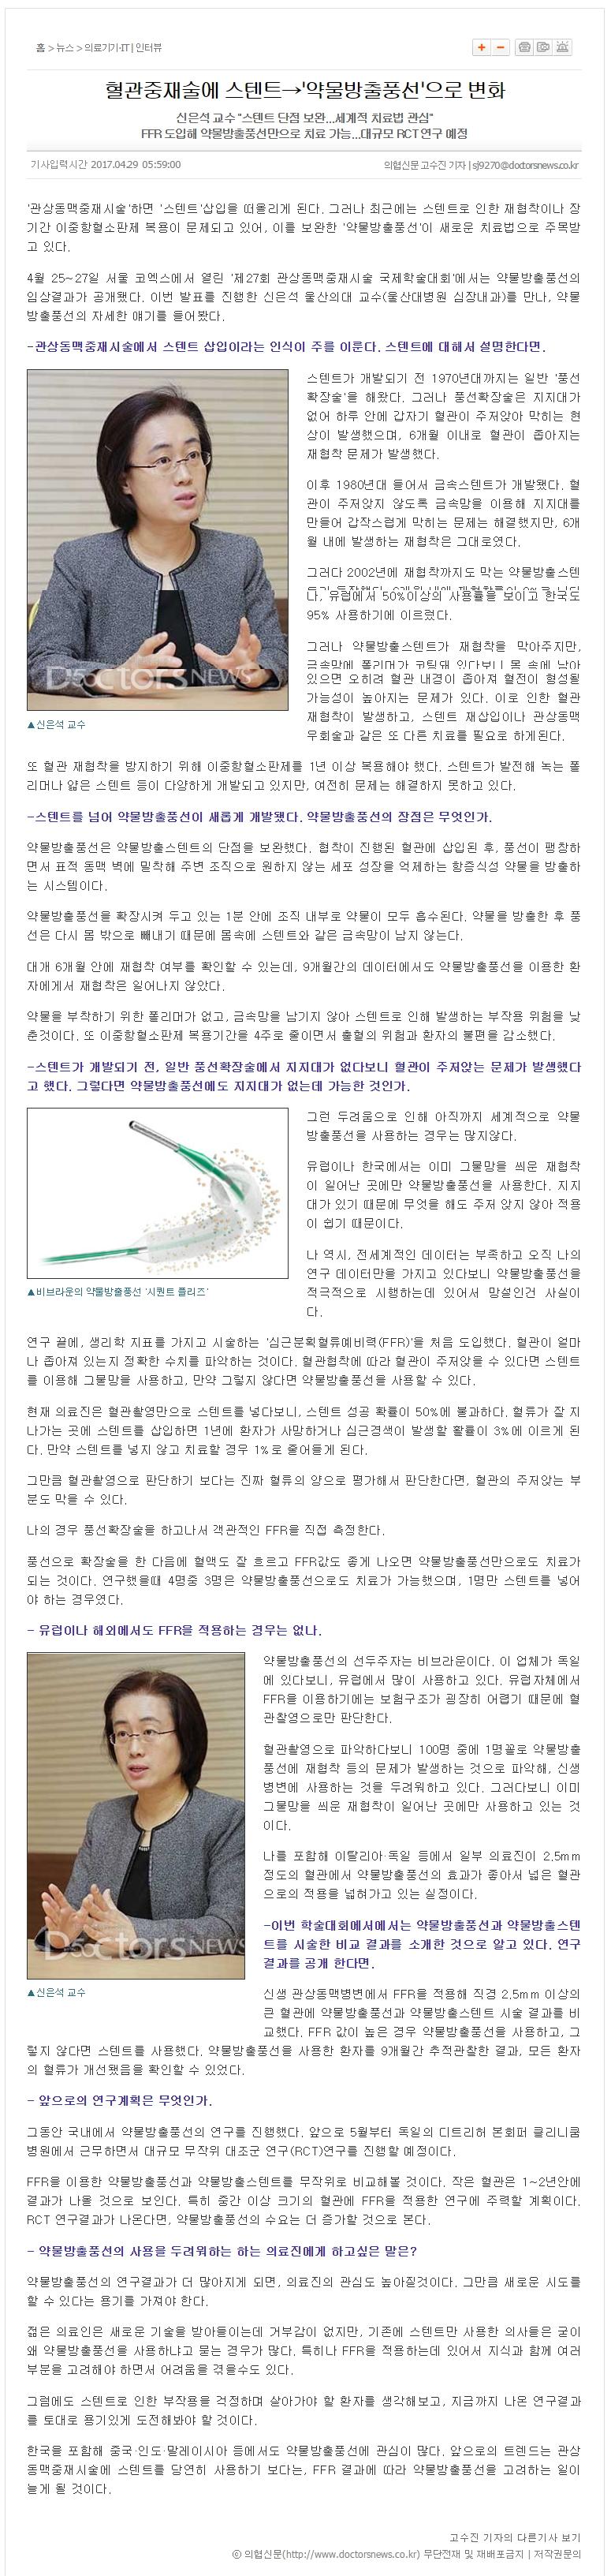 20170429_의협신문_신은석교수인터뷰_혈관중재술에 스텐트→'약물방출풍선'으로 변화.jpg